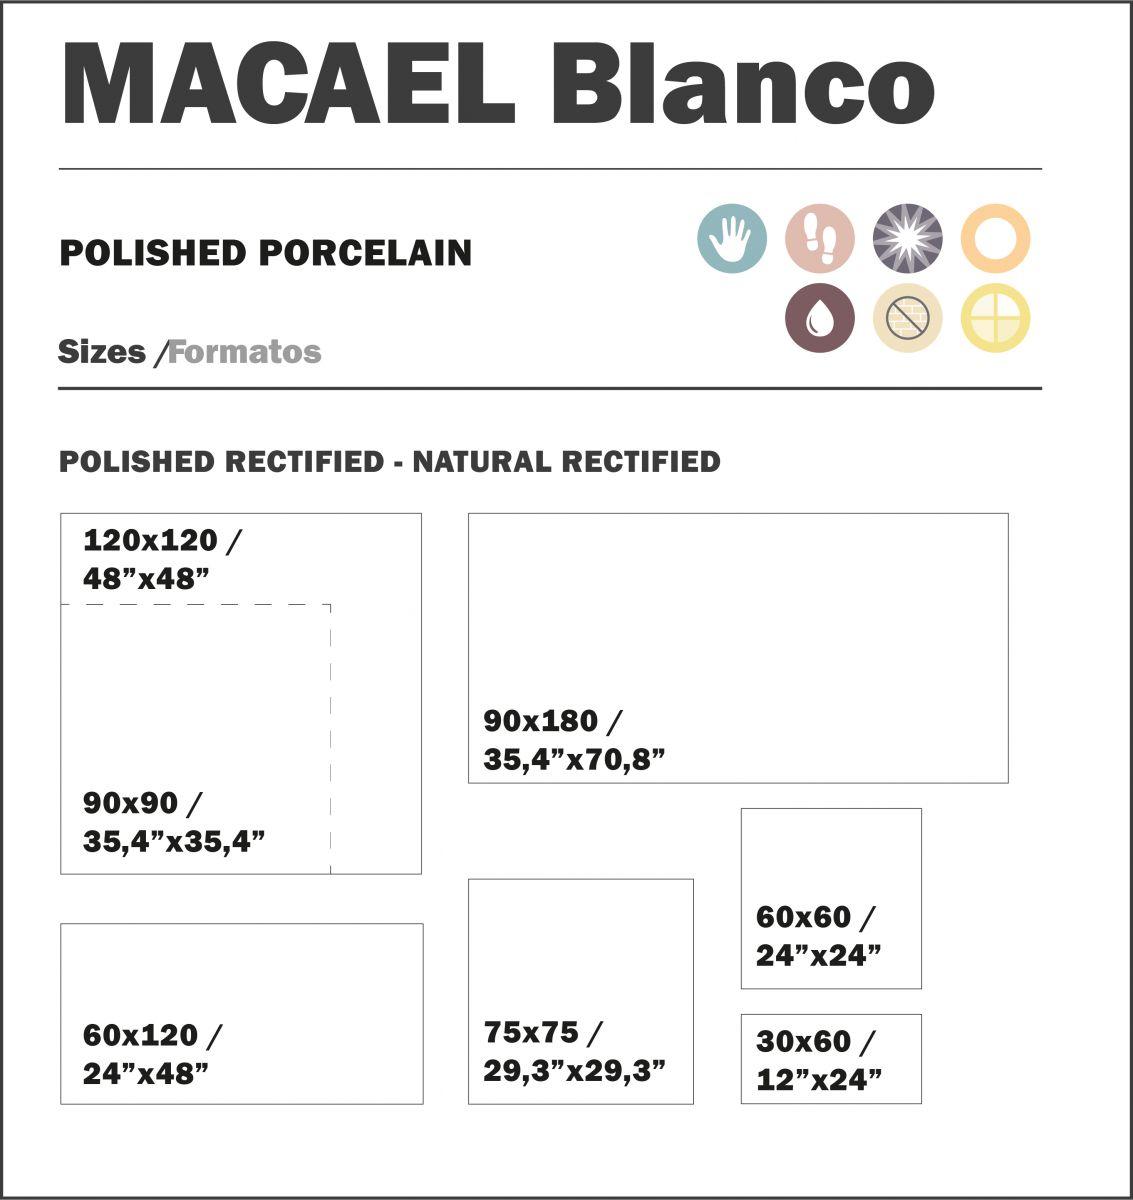 90x180 cm macael blanco topkwaliteit spaans tegels